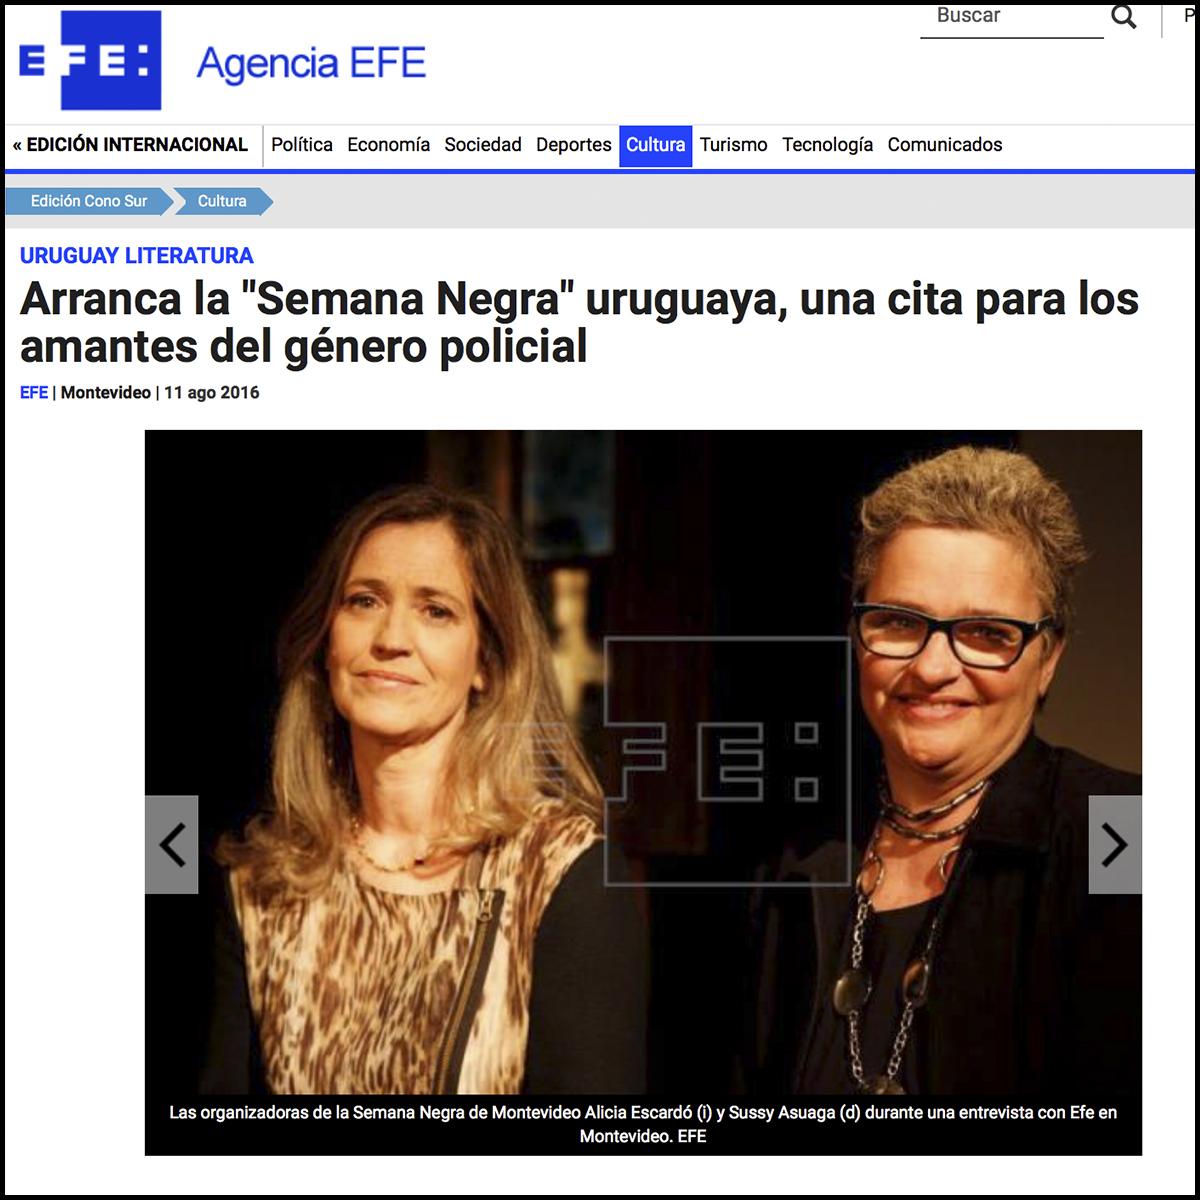 Agencia EFE: